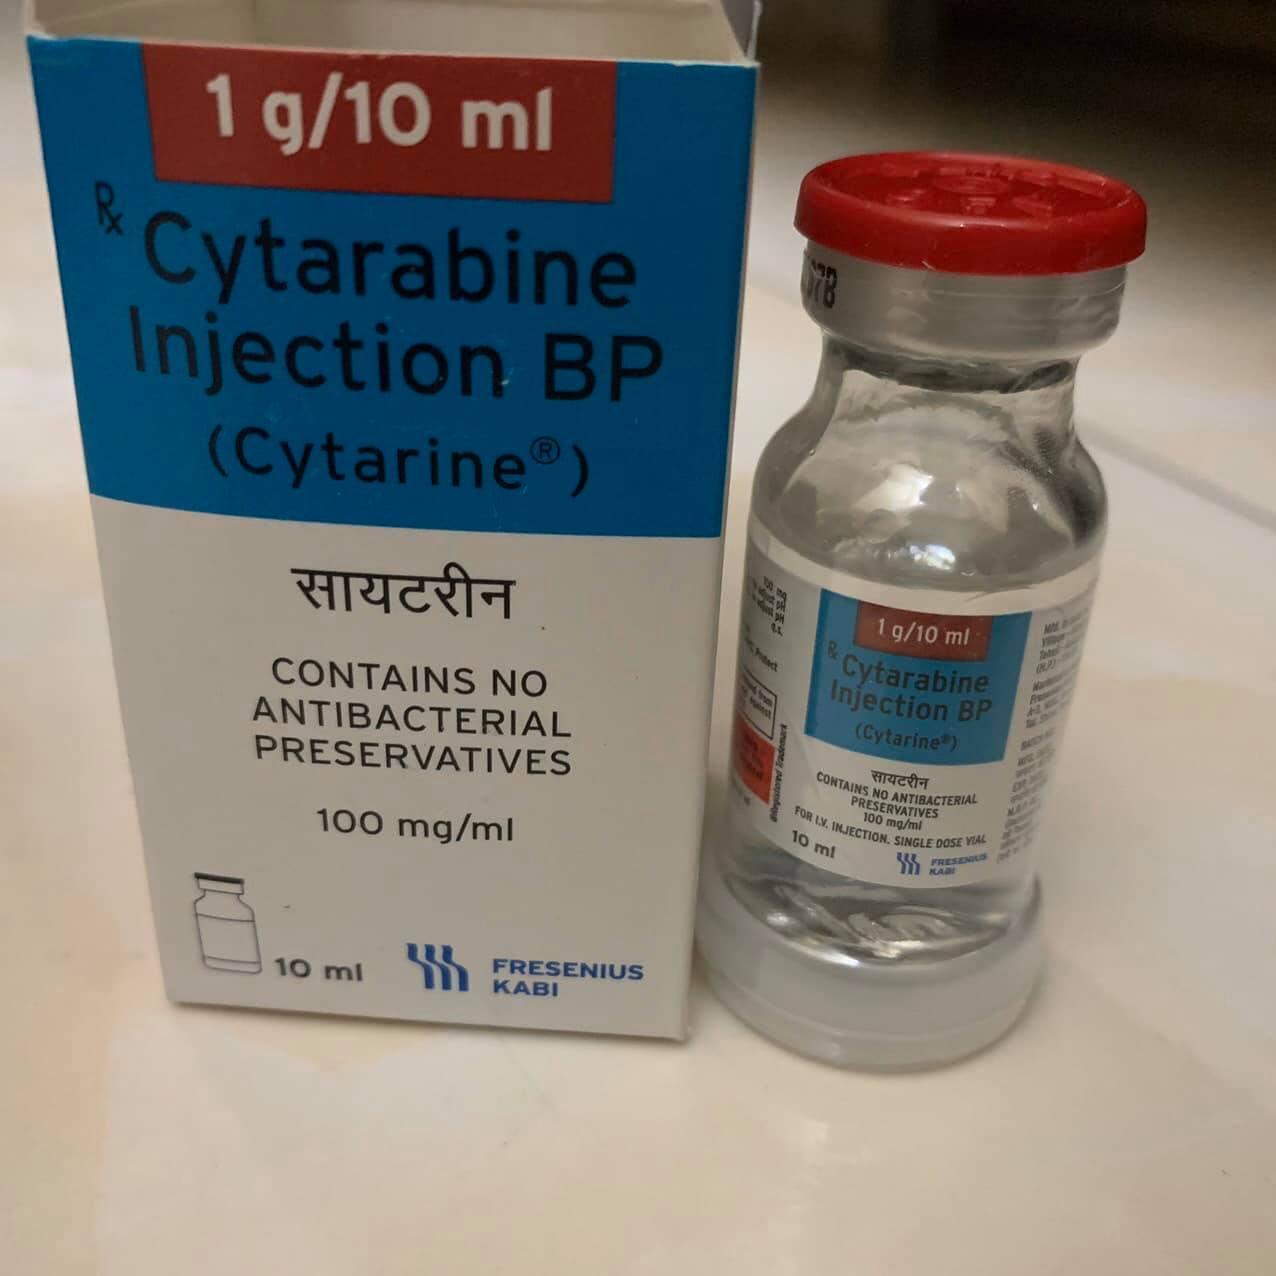 Cytarabine 1g/10ml